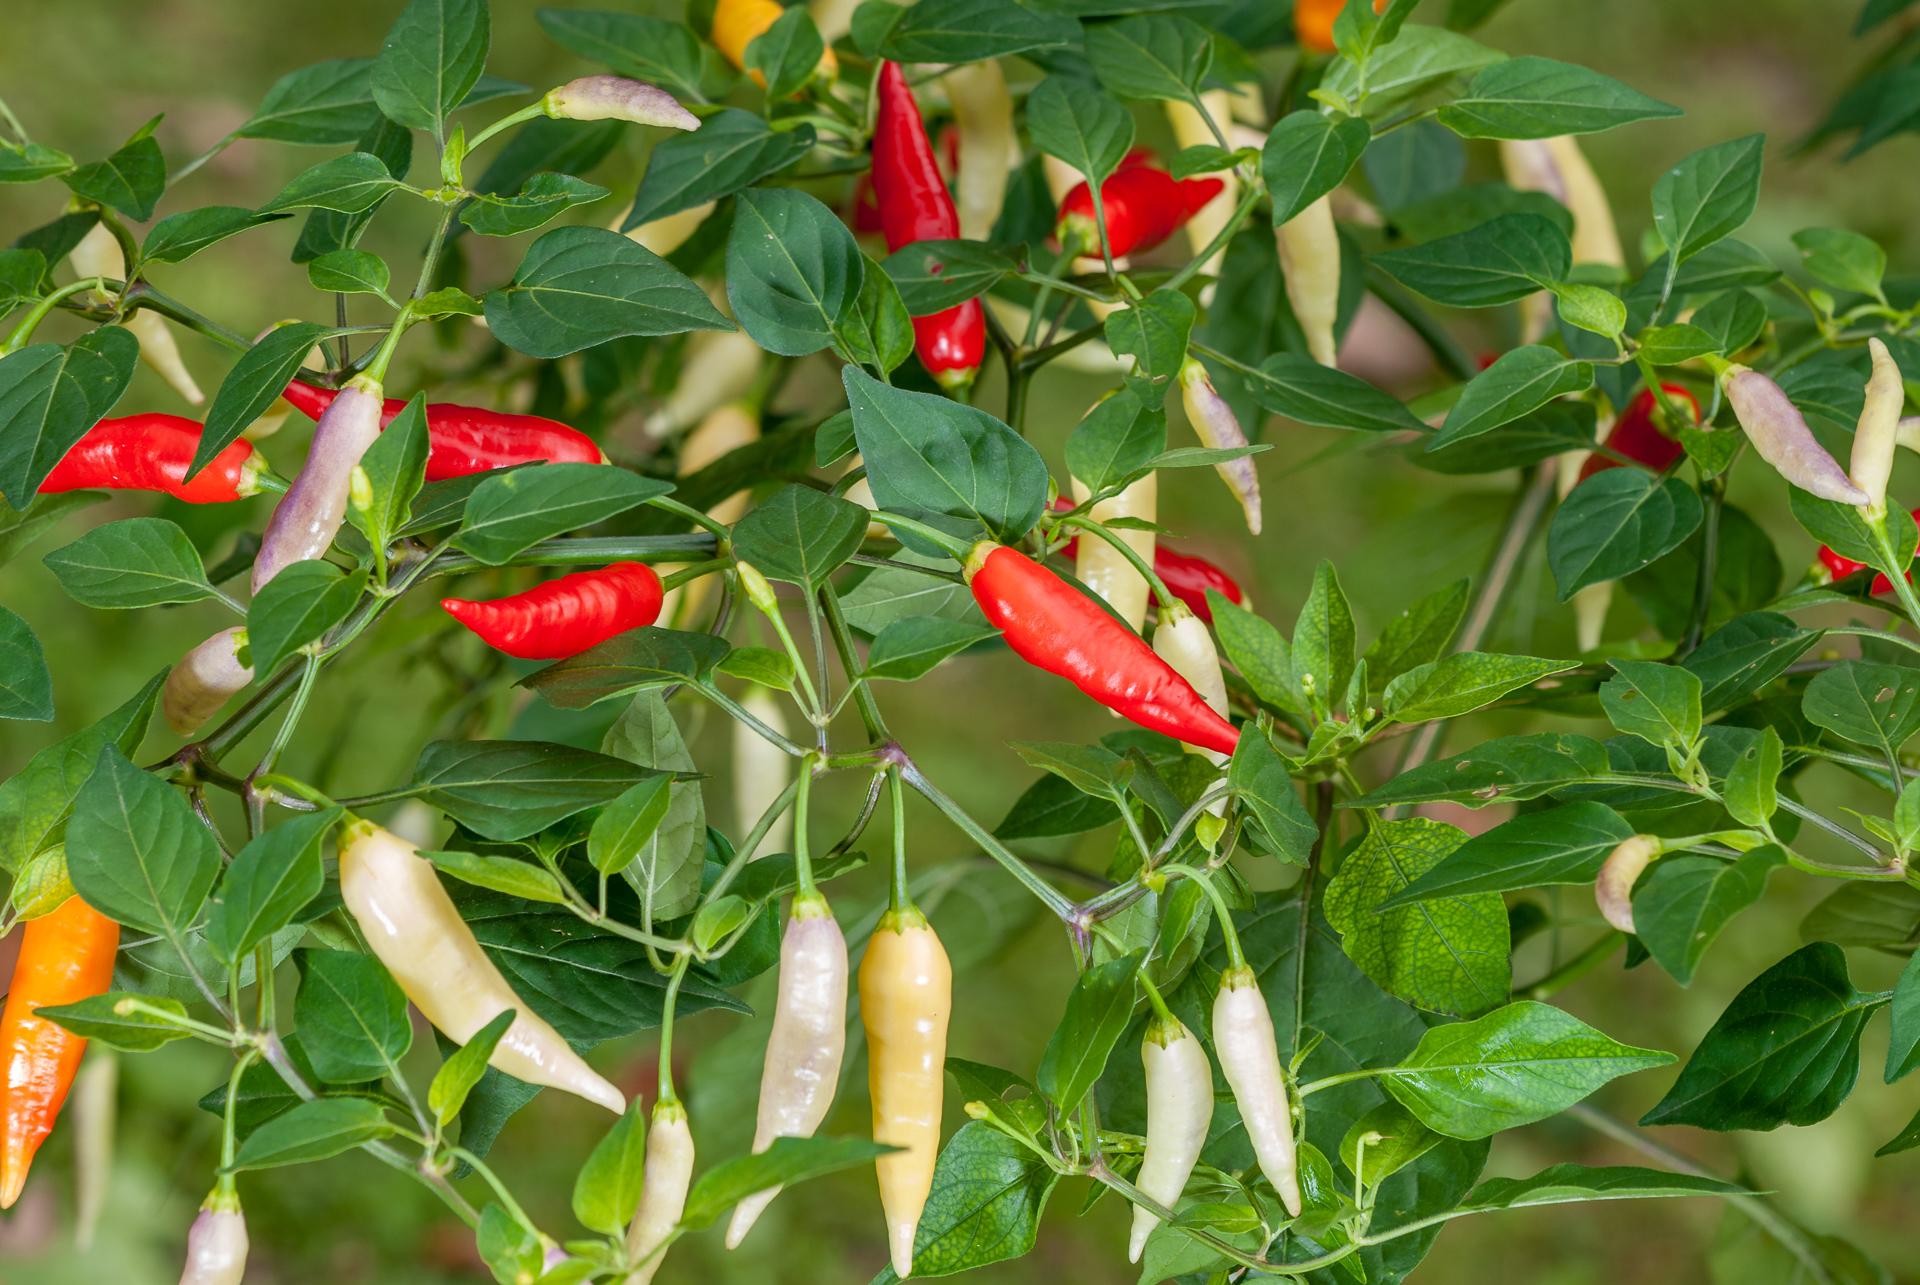 Synonyme für die Art Capsicum baccatum (Foto: Chile Piquín - Capsicum annuum)